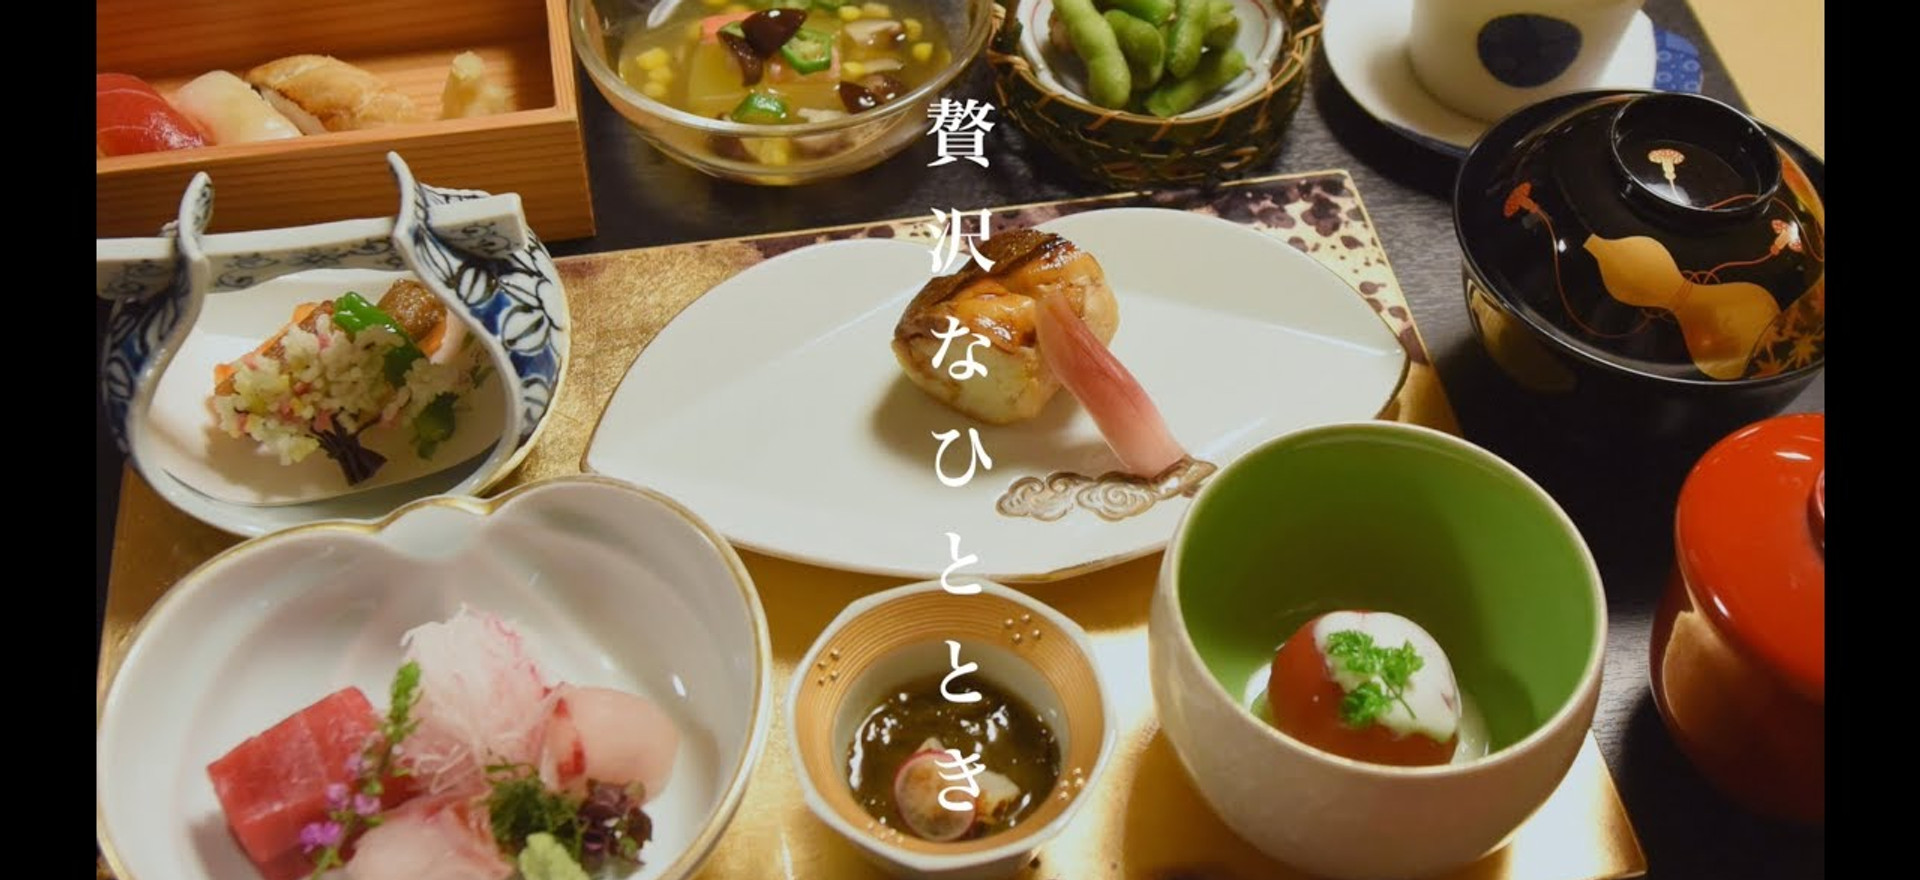 【日本料亭】泉竹「お座敷遊びの夕べ」PR動画